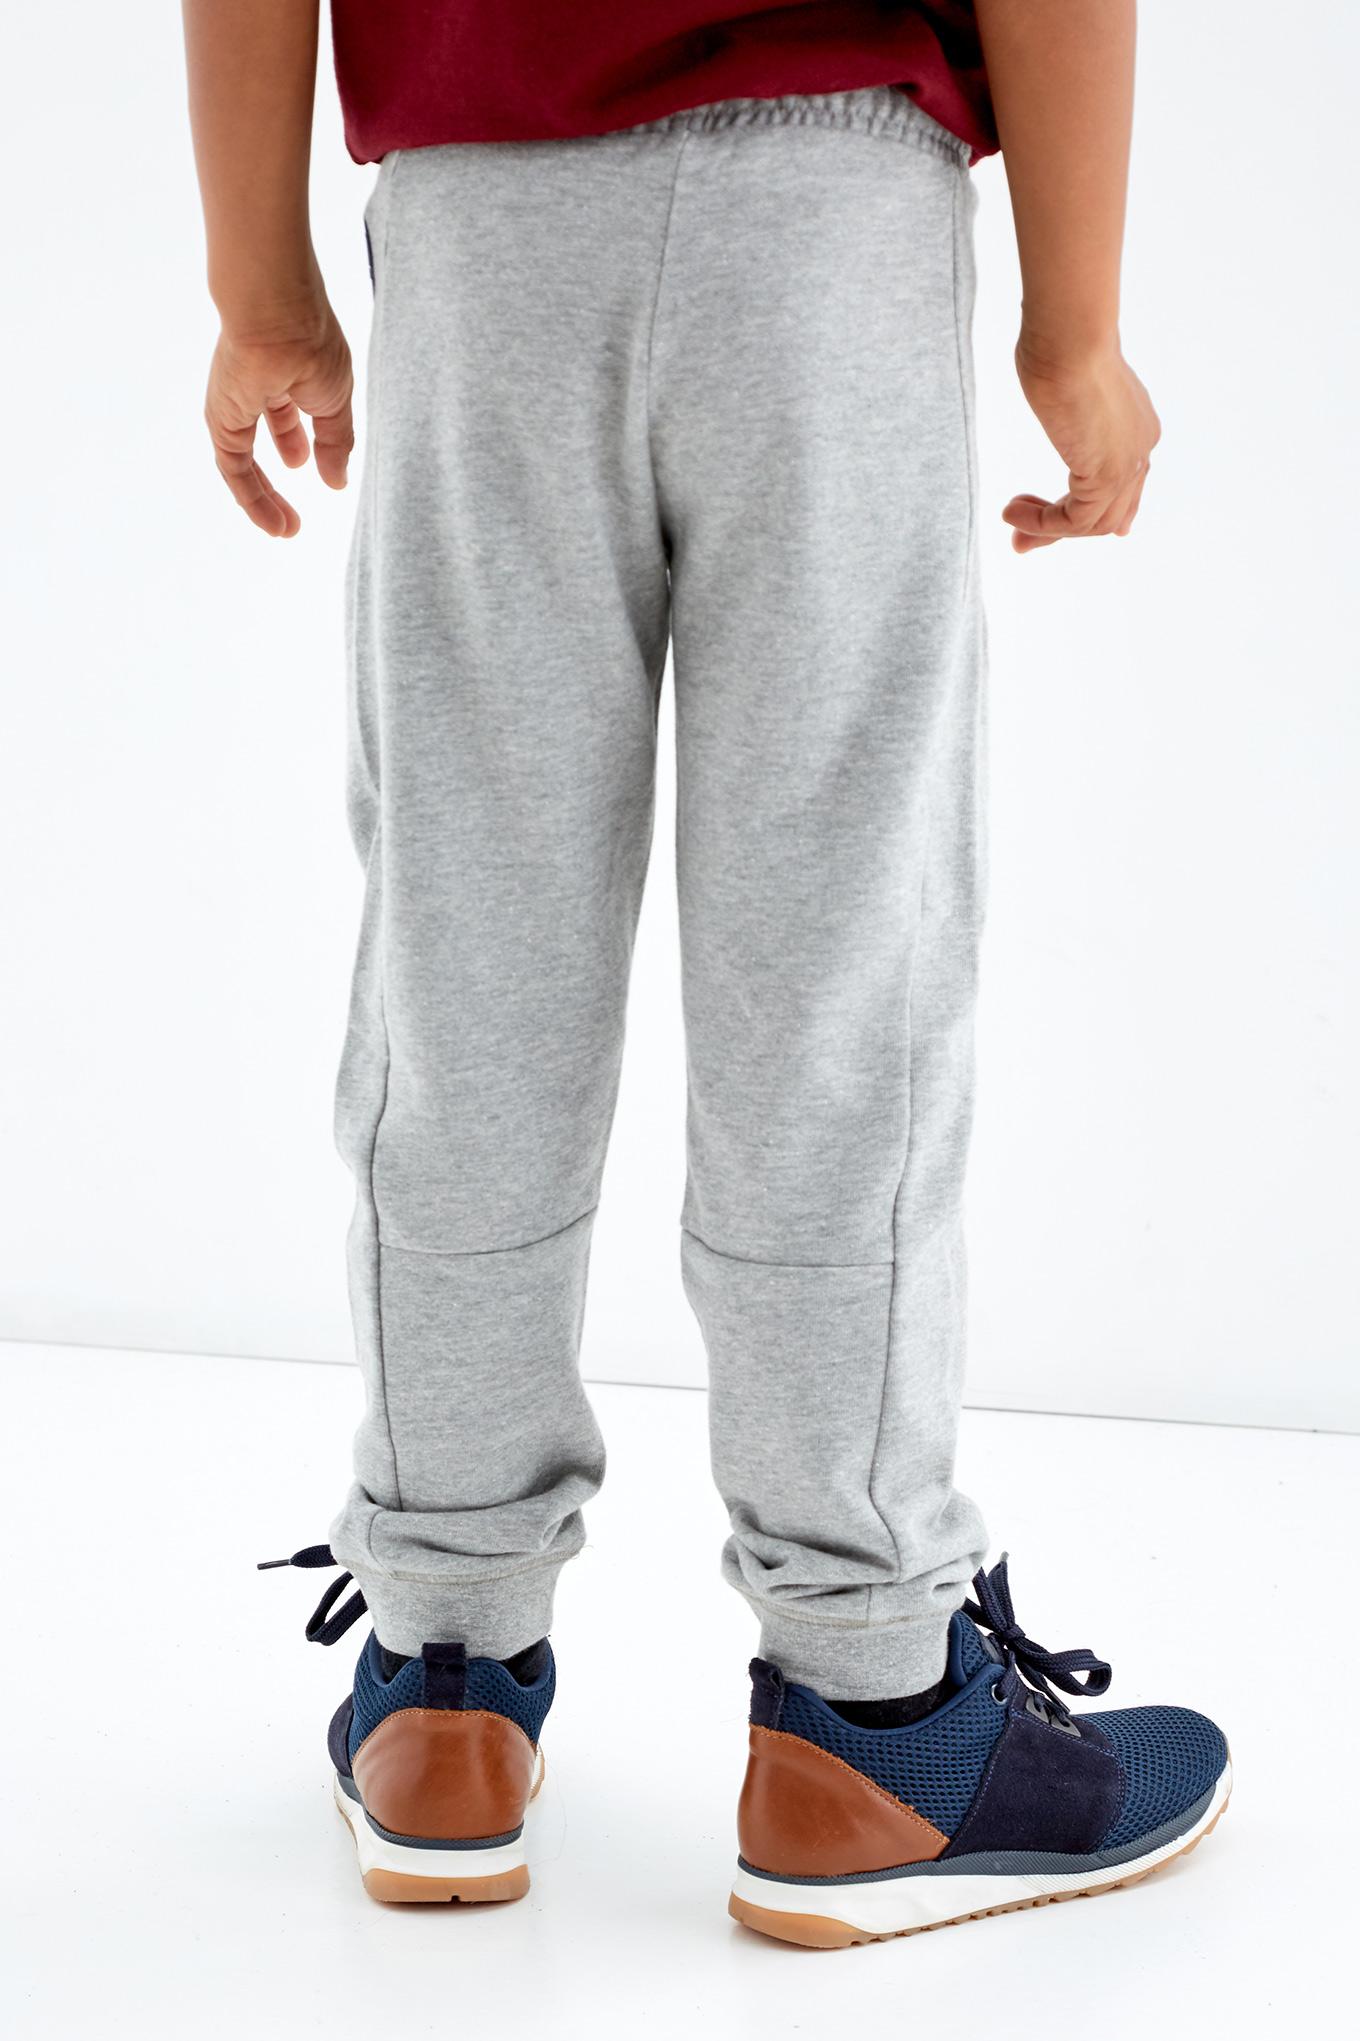 Sportswear Trousers Dark Grey Sport Boy